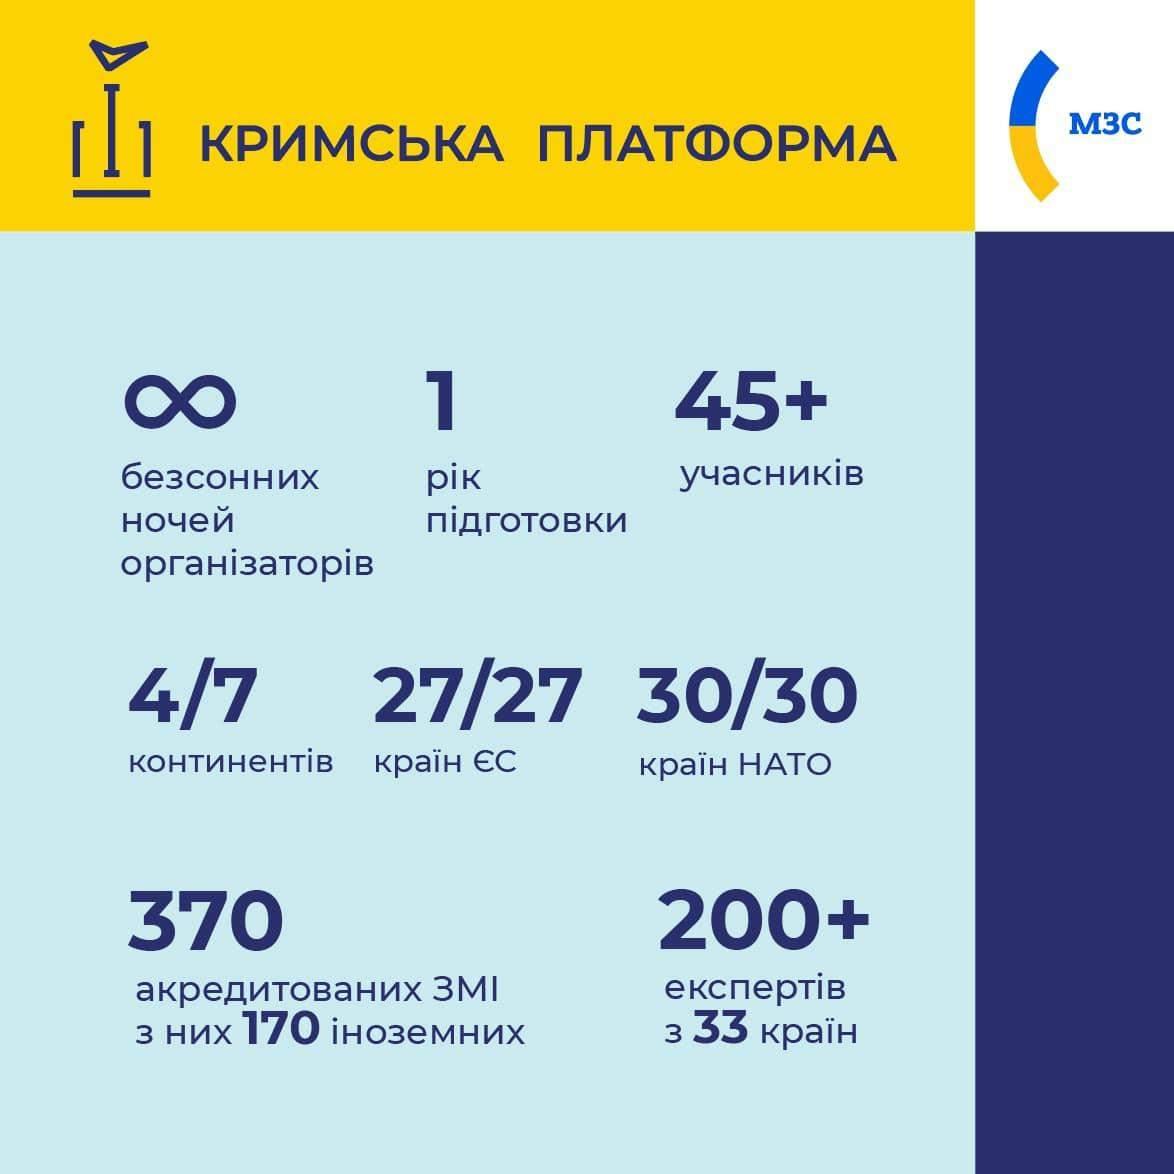 Остання країна НАТО підтвердила участь у Кримській платформі